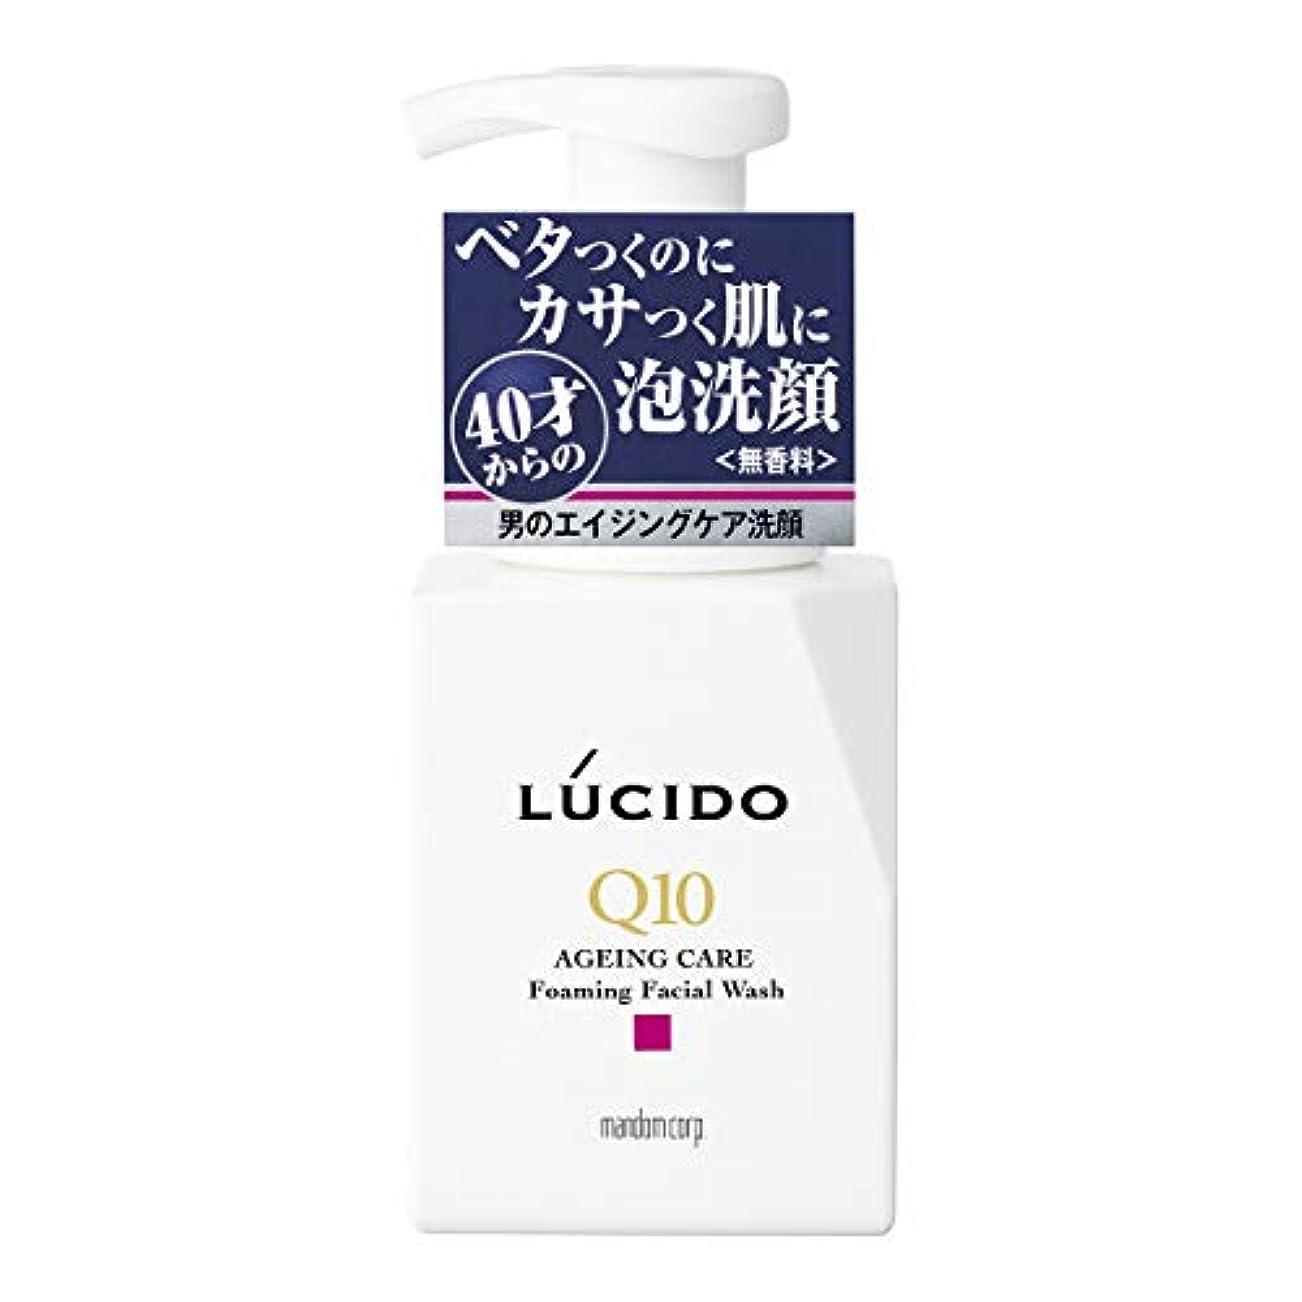 にはまってセットアップ若いLUCIDO(ルシード) トータルケア泡洗顔 Q10 150mL